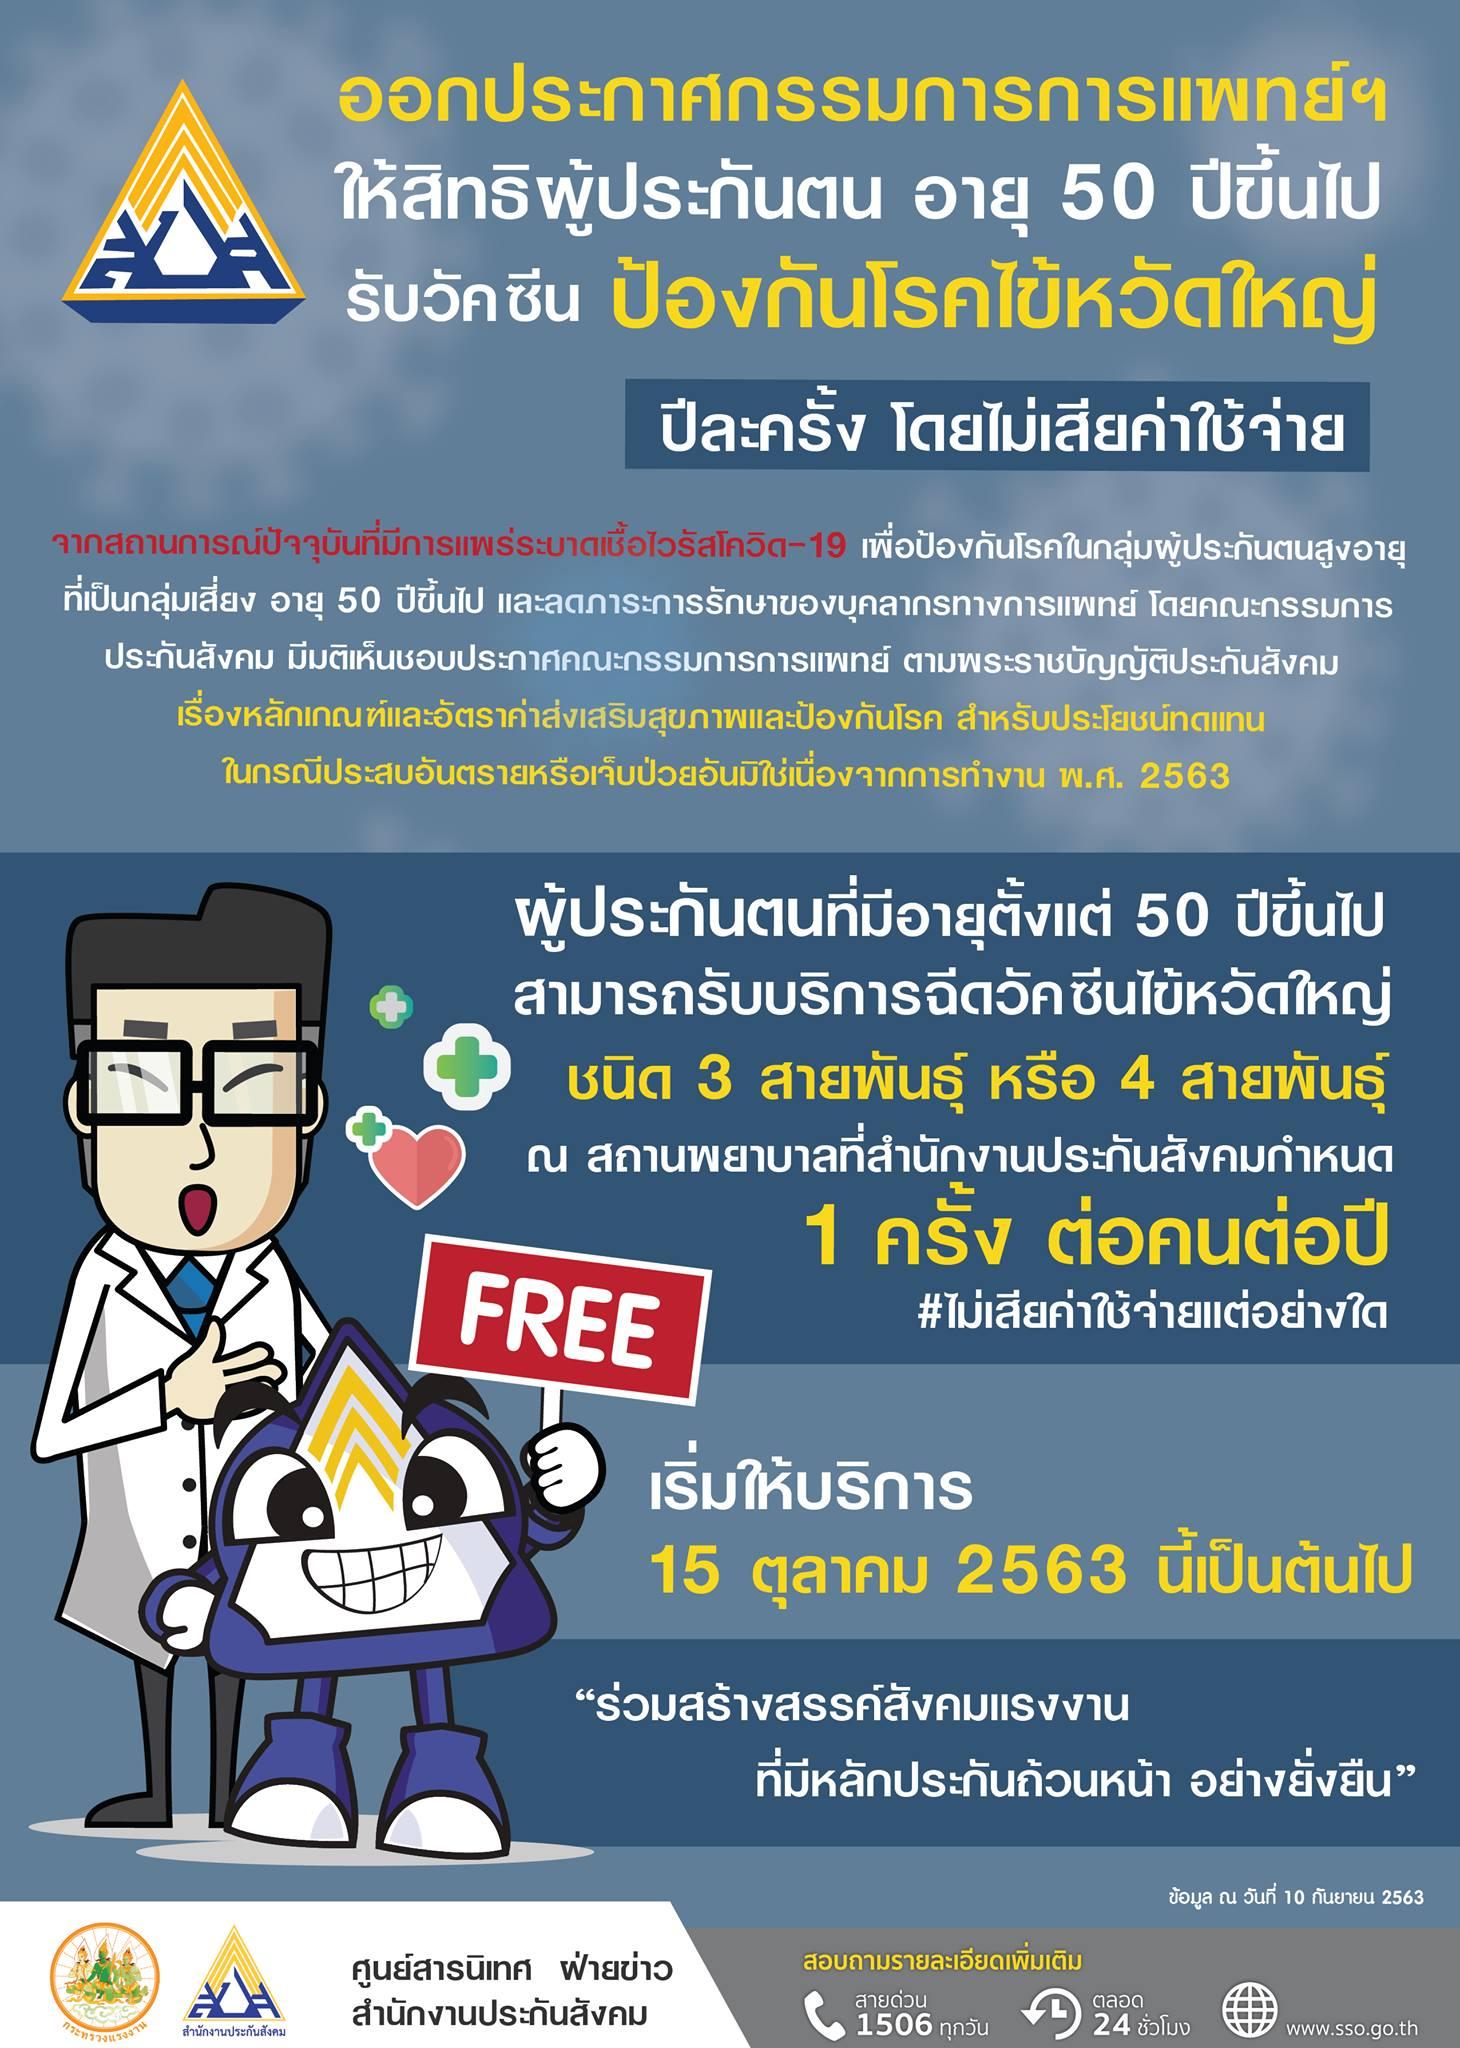 ให้สิทธิผู้ประกันตน อายุ 50 ปีขึ้นไป รับวัคซีนไข้หวัดใหญ่ ฟรี!!